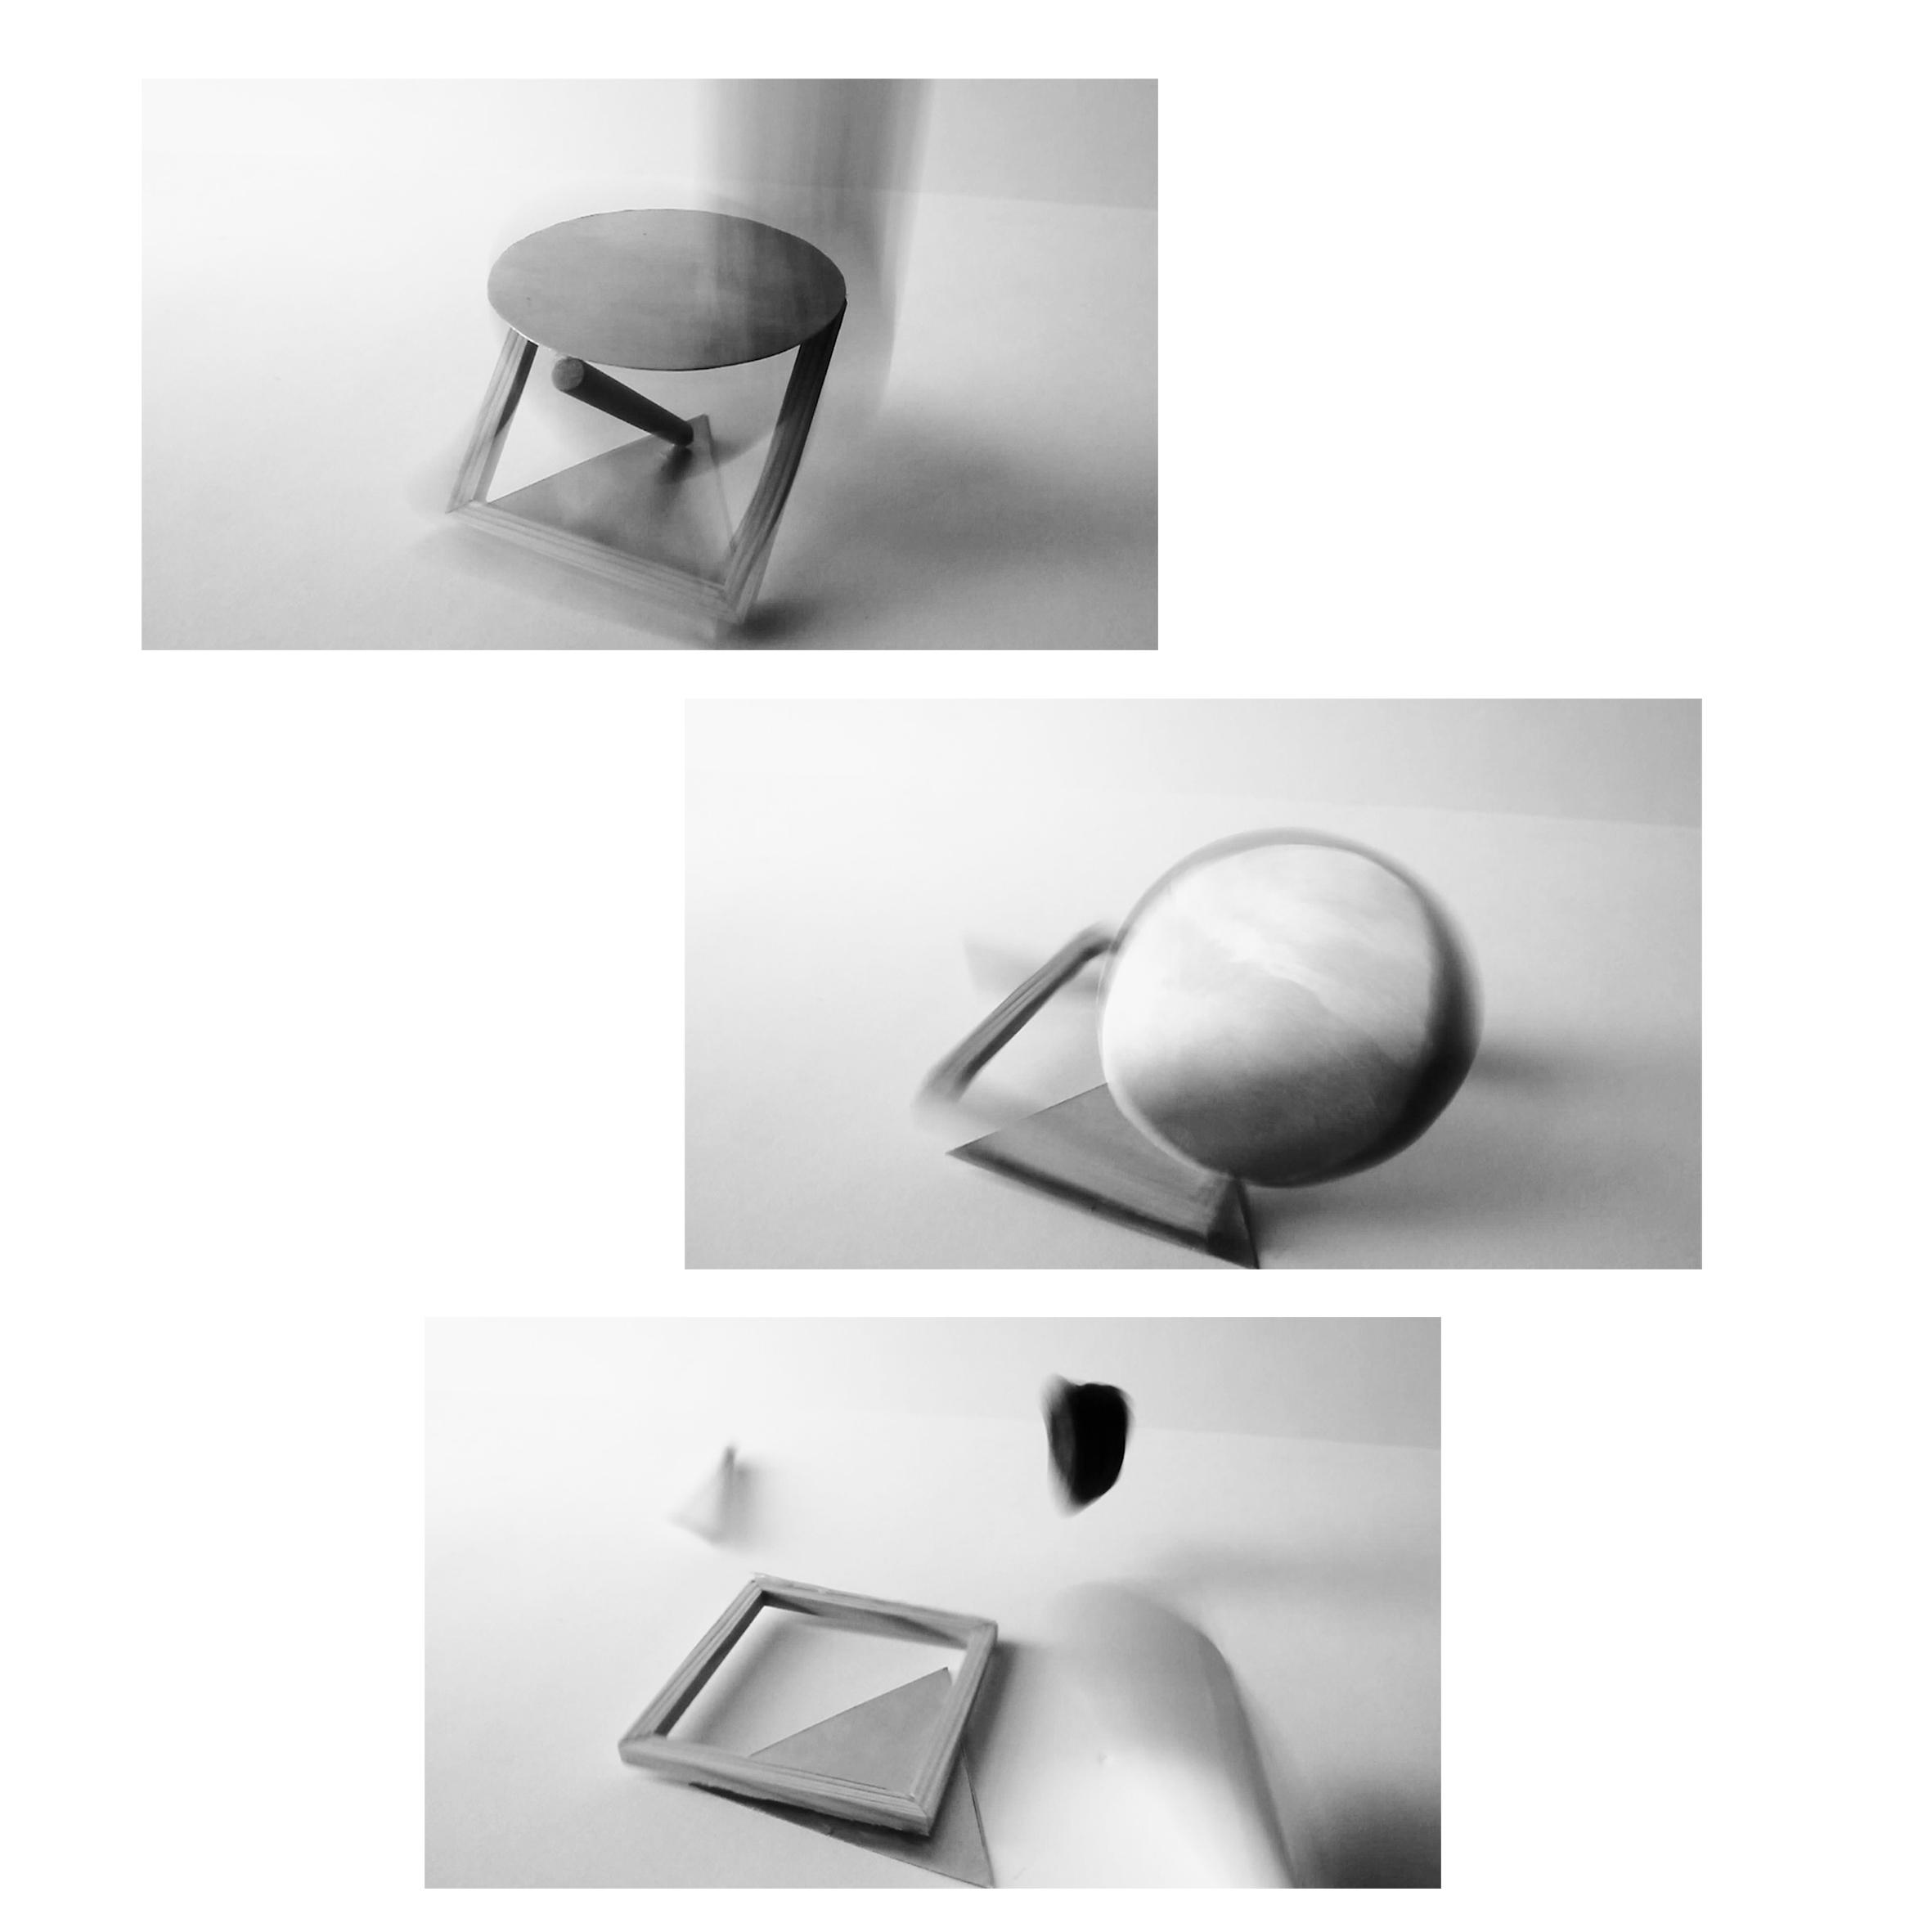 Kuvassa näyttelyyn liittyvä huonekalu eri kulmista kuvattuna